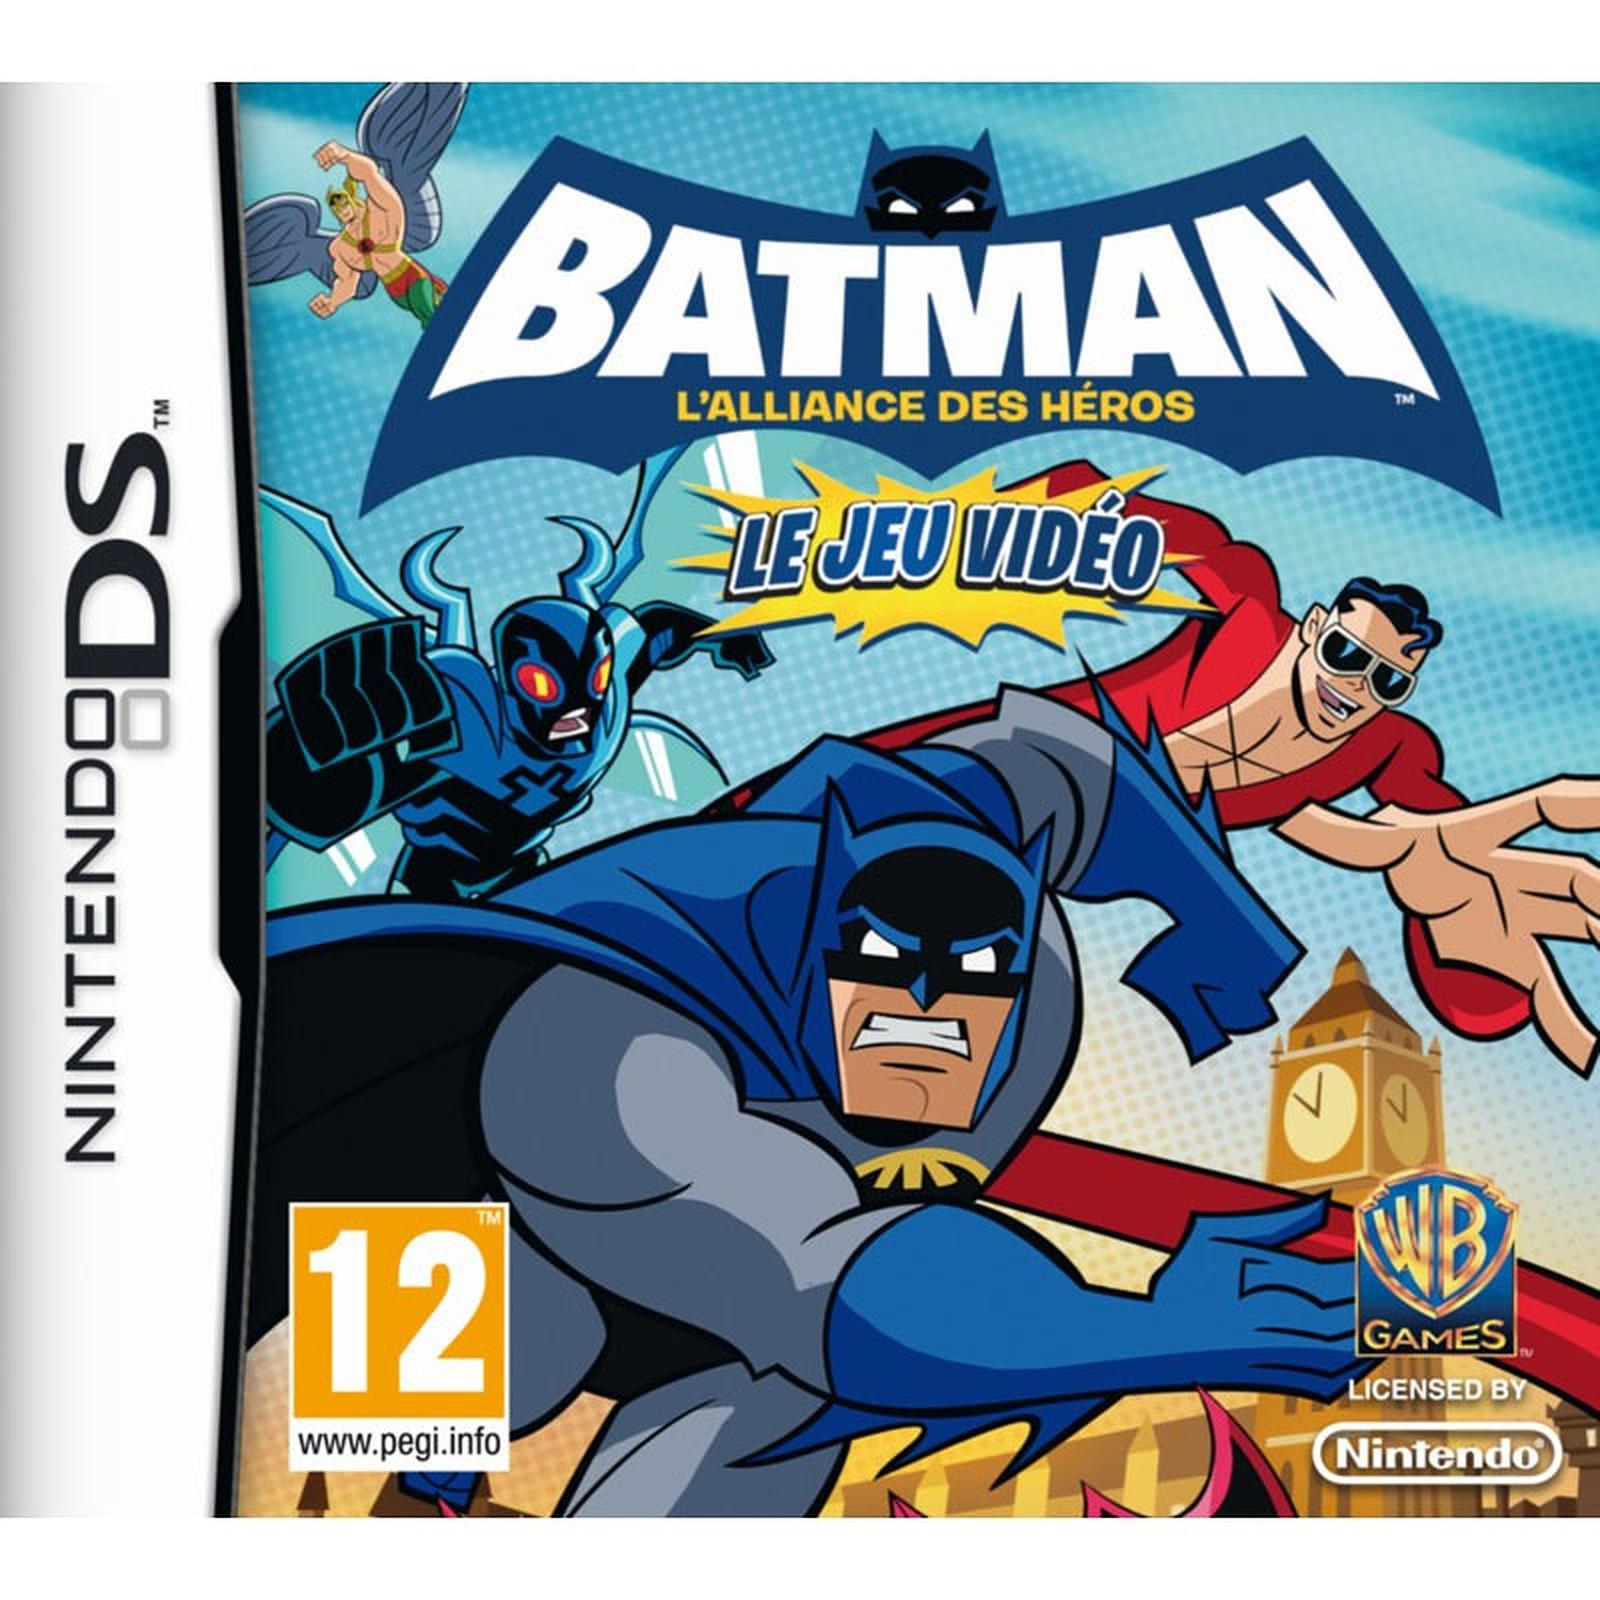 Batman : L'Alliance des Héros (Nintendo DS)